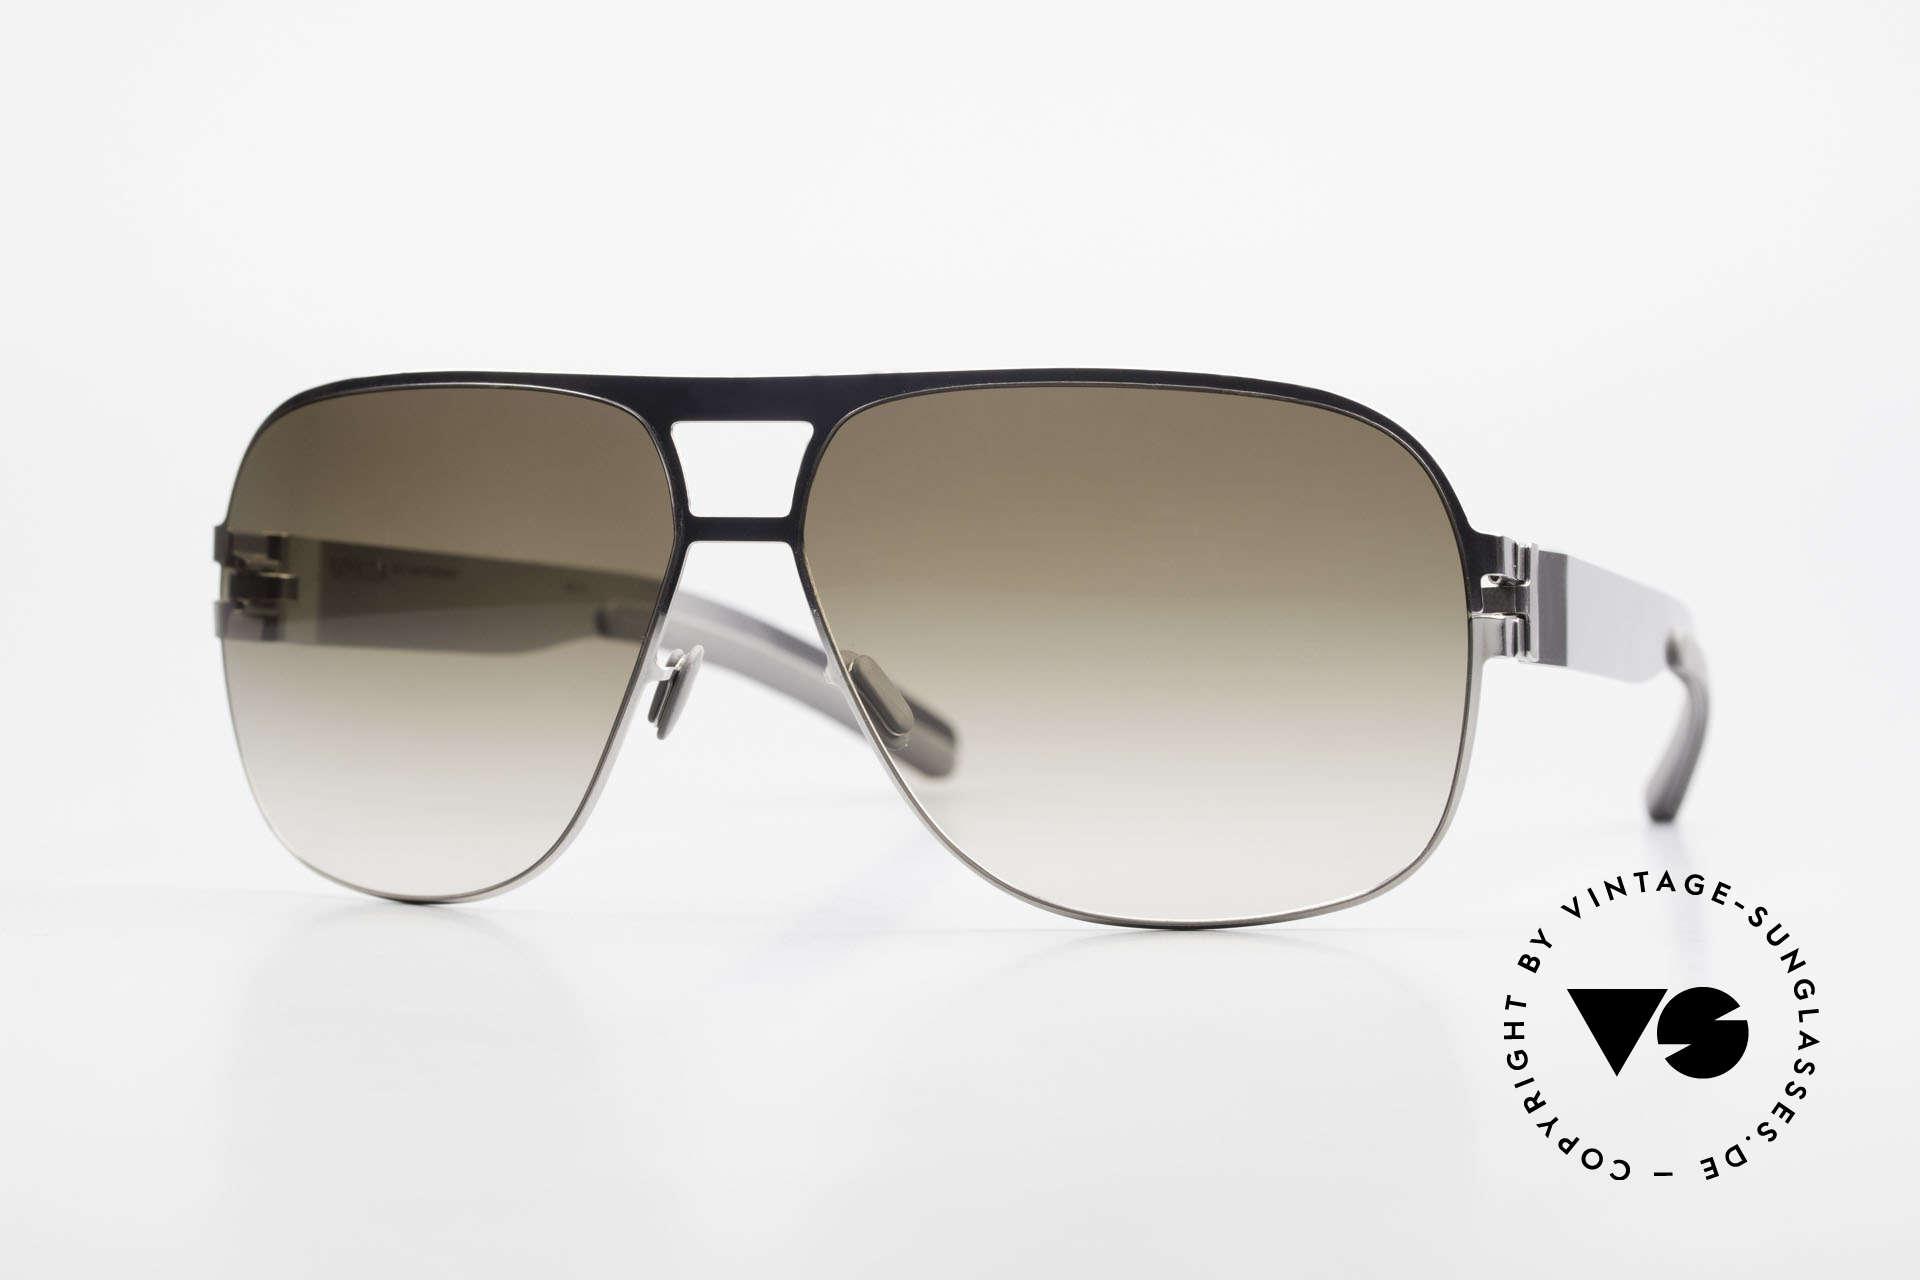 Mykita Clifford 2000's Vintage Aviator Shades, original VINTAGE MYKITA men's sunglasses from 2011, Made for Men